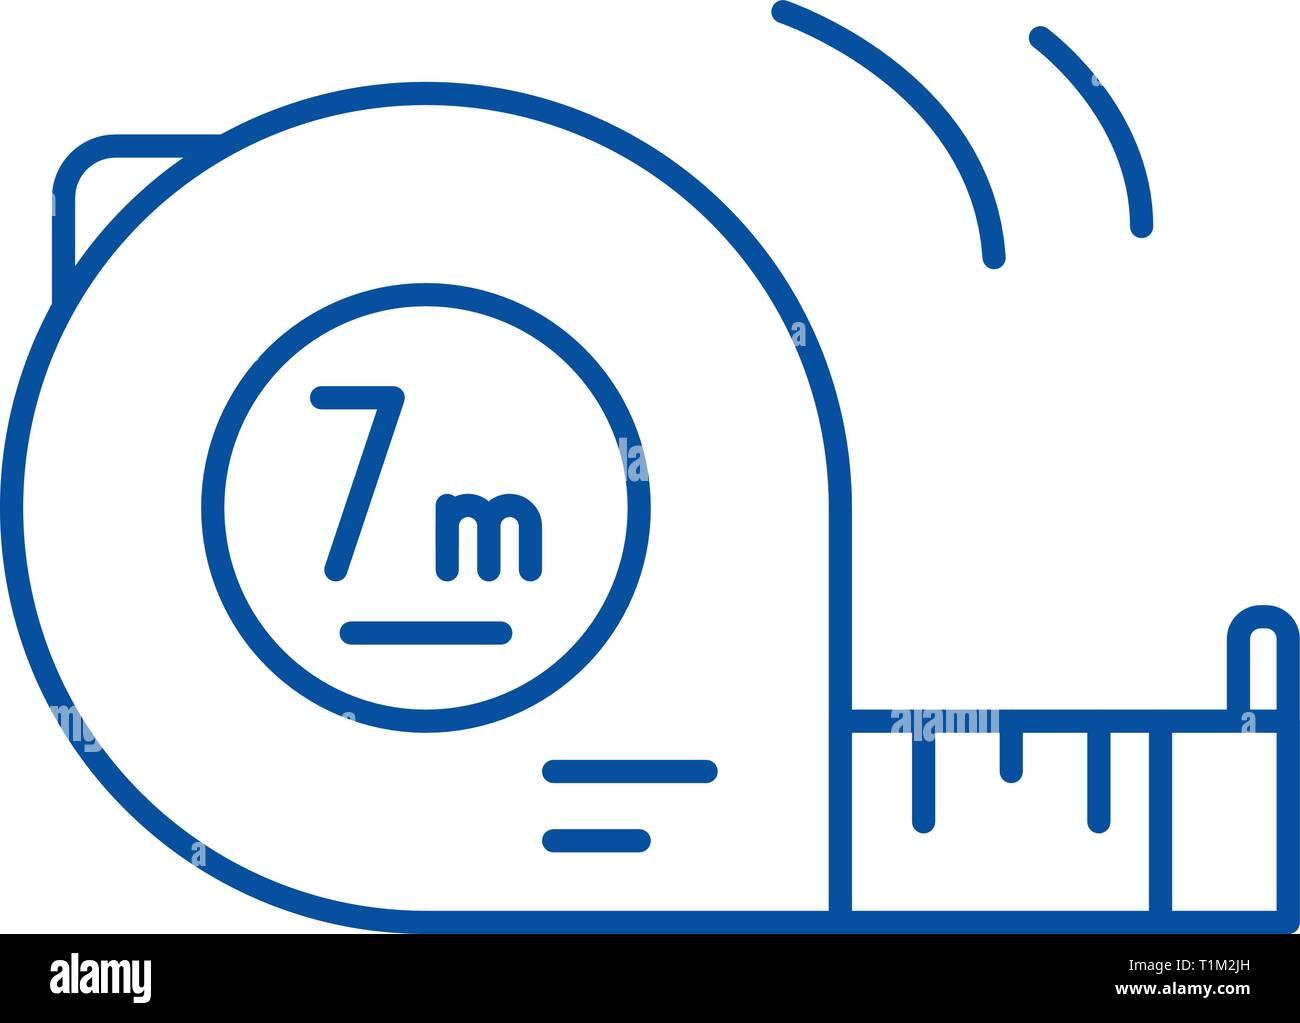 Yardstick line icon concept. Yardstick flat  vector symbol, sign, outline illustration. - Stock Image